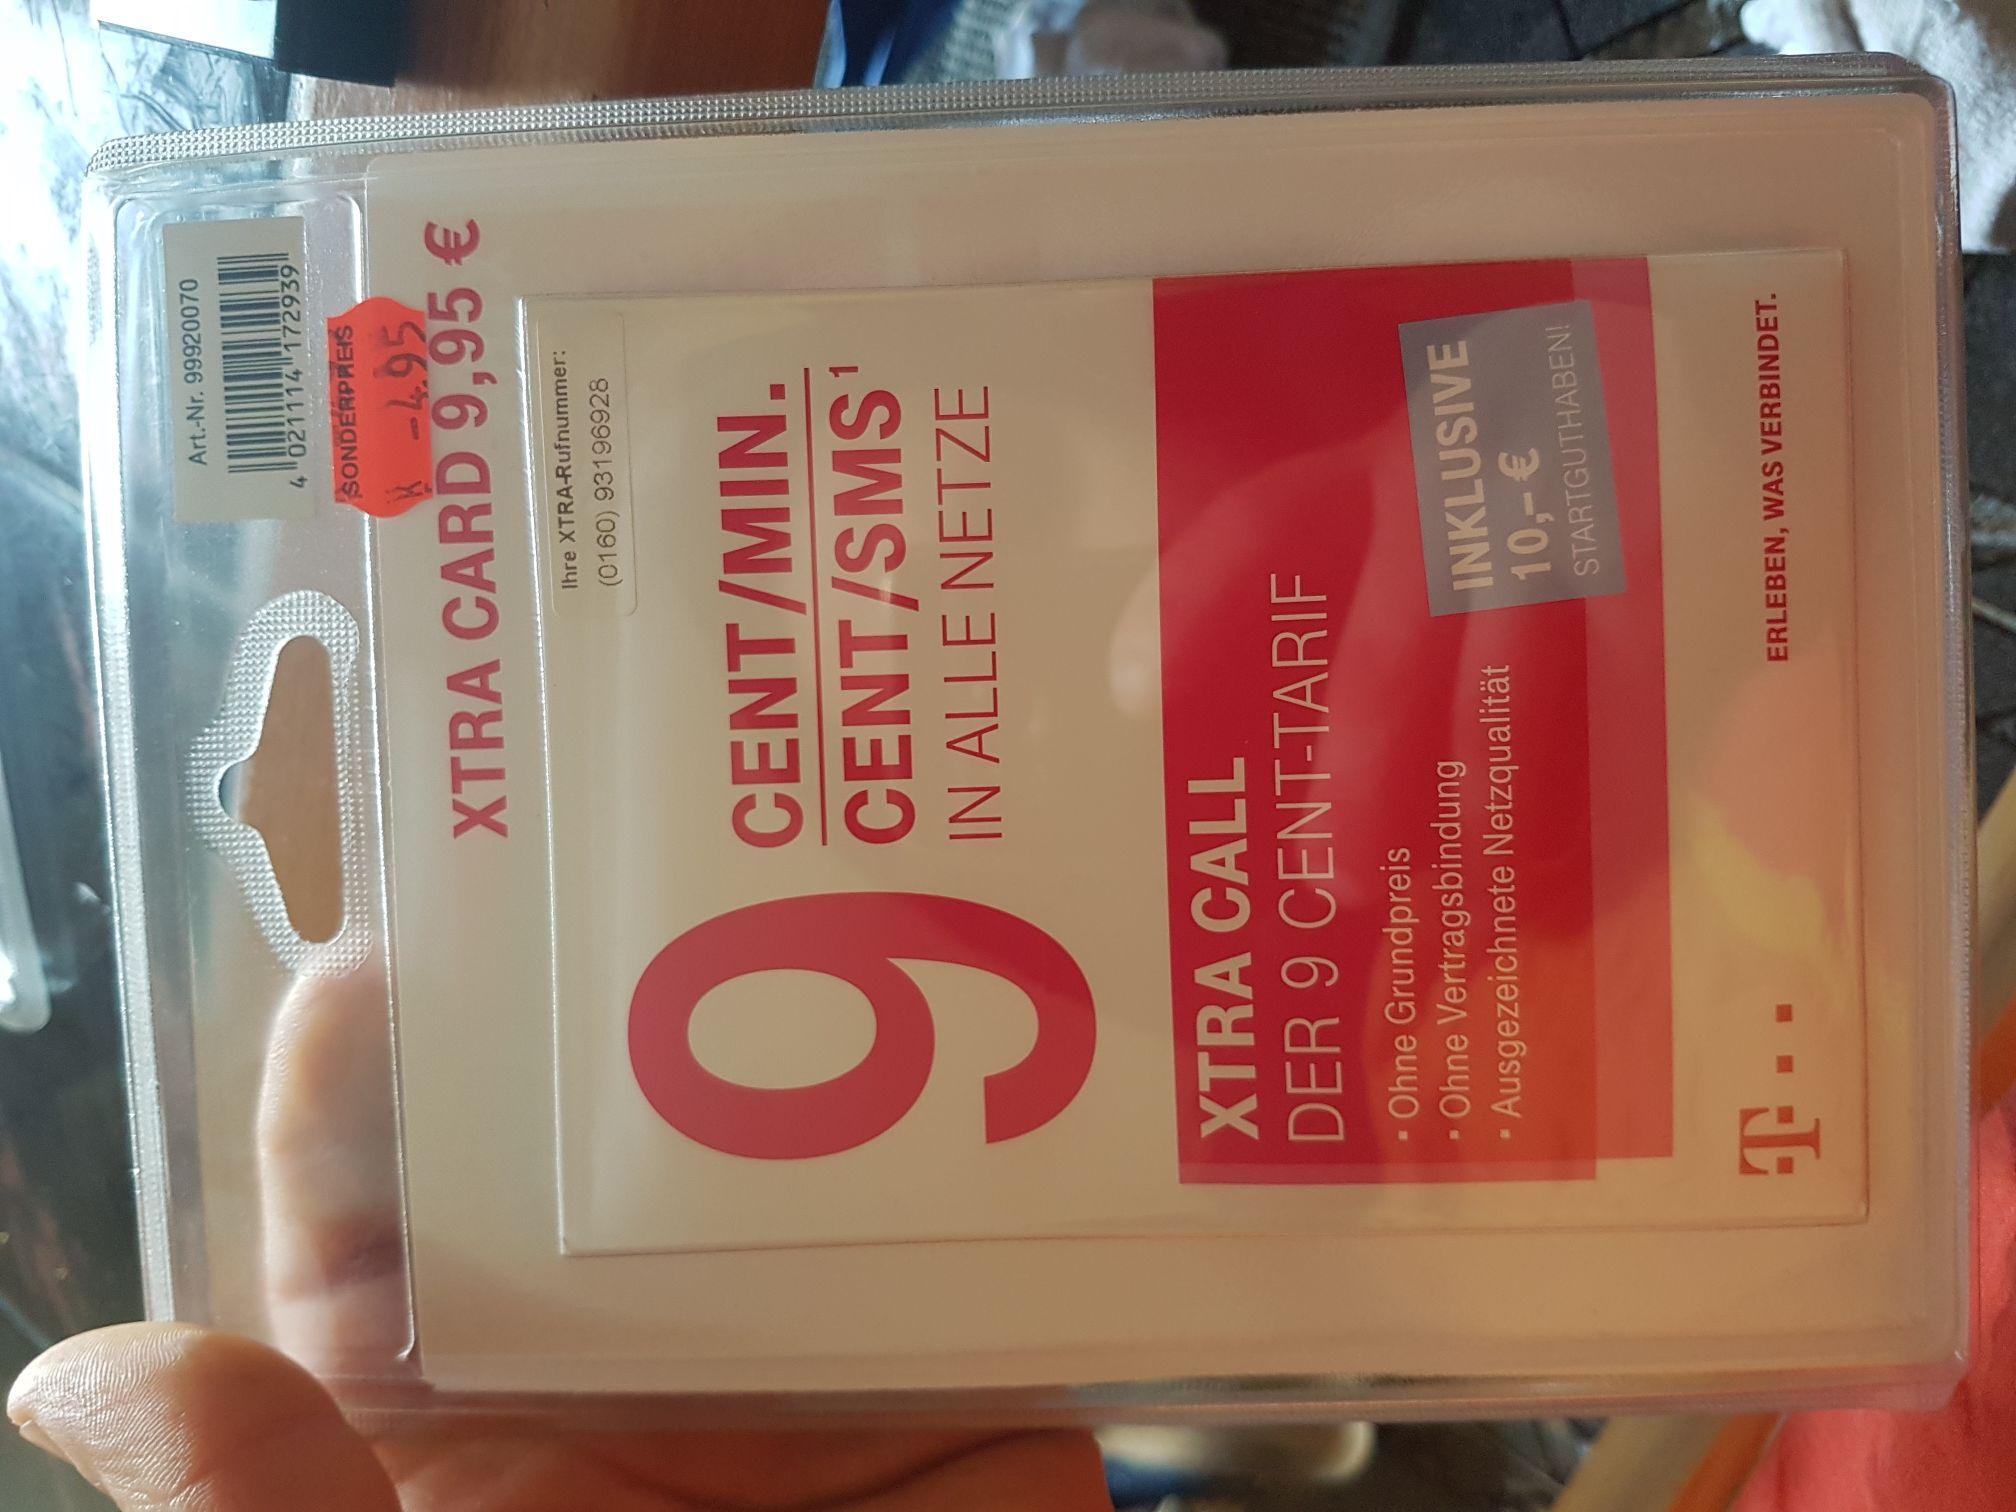 T-Mobile Karten Prepaid zum halben Preis - Postfiliale am Luisenplatz Darmstadt